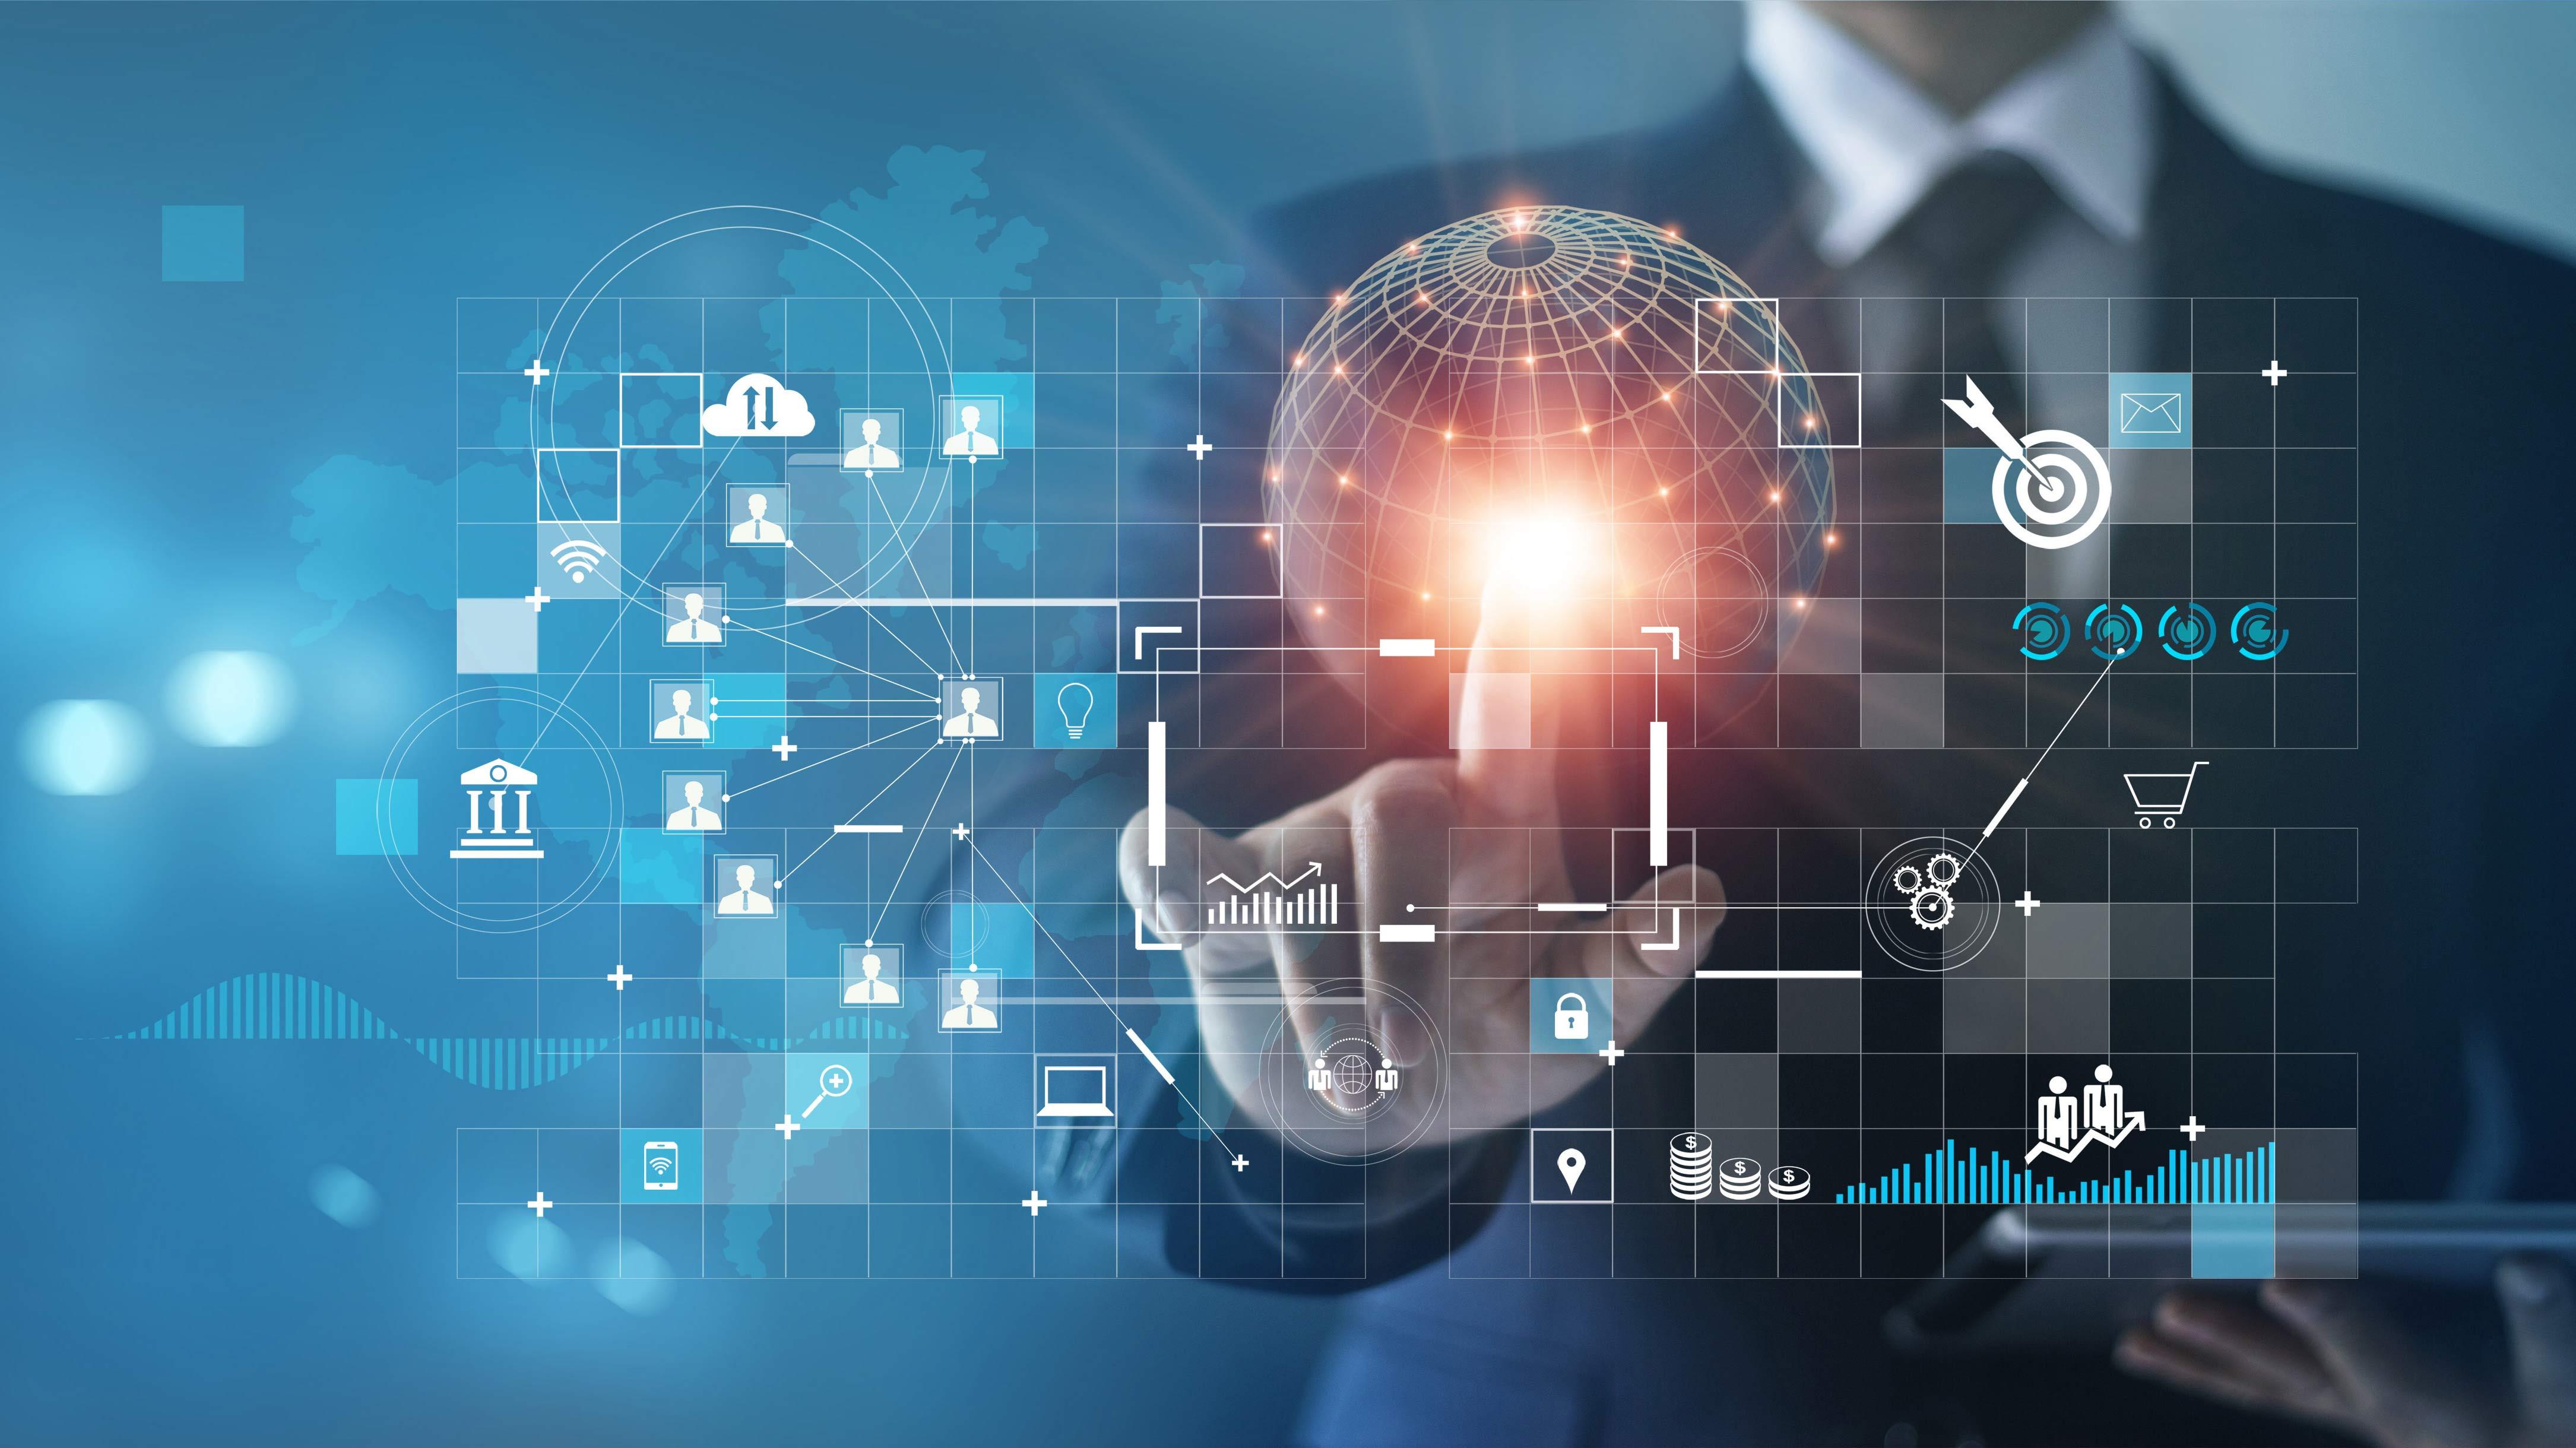 la-innovacion-tecnologica-en-el-centro-del-crecimiento-del-negocionbsp